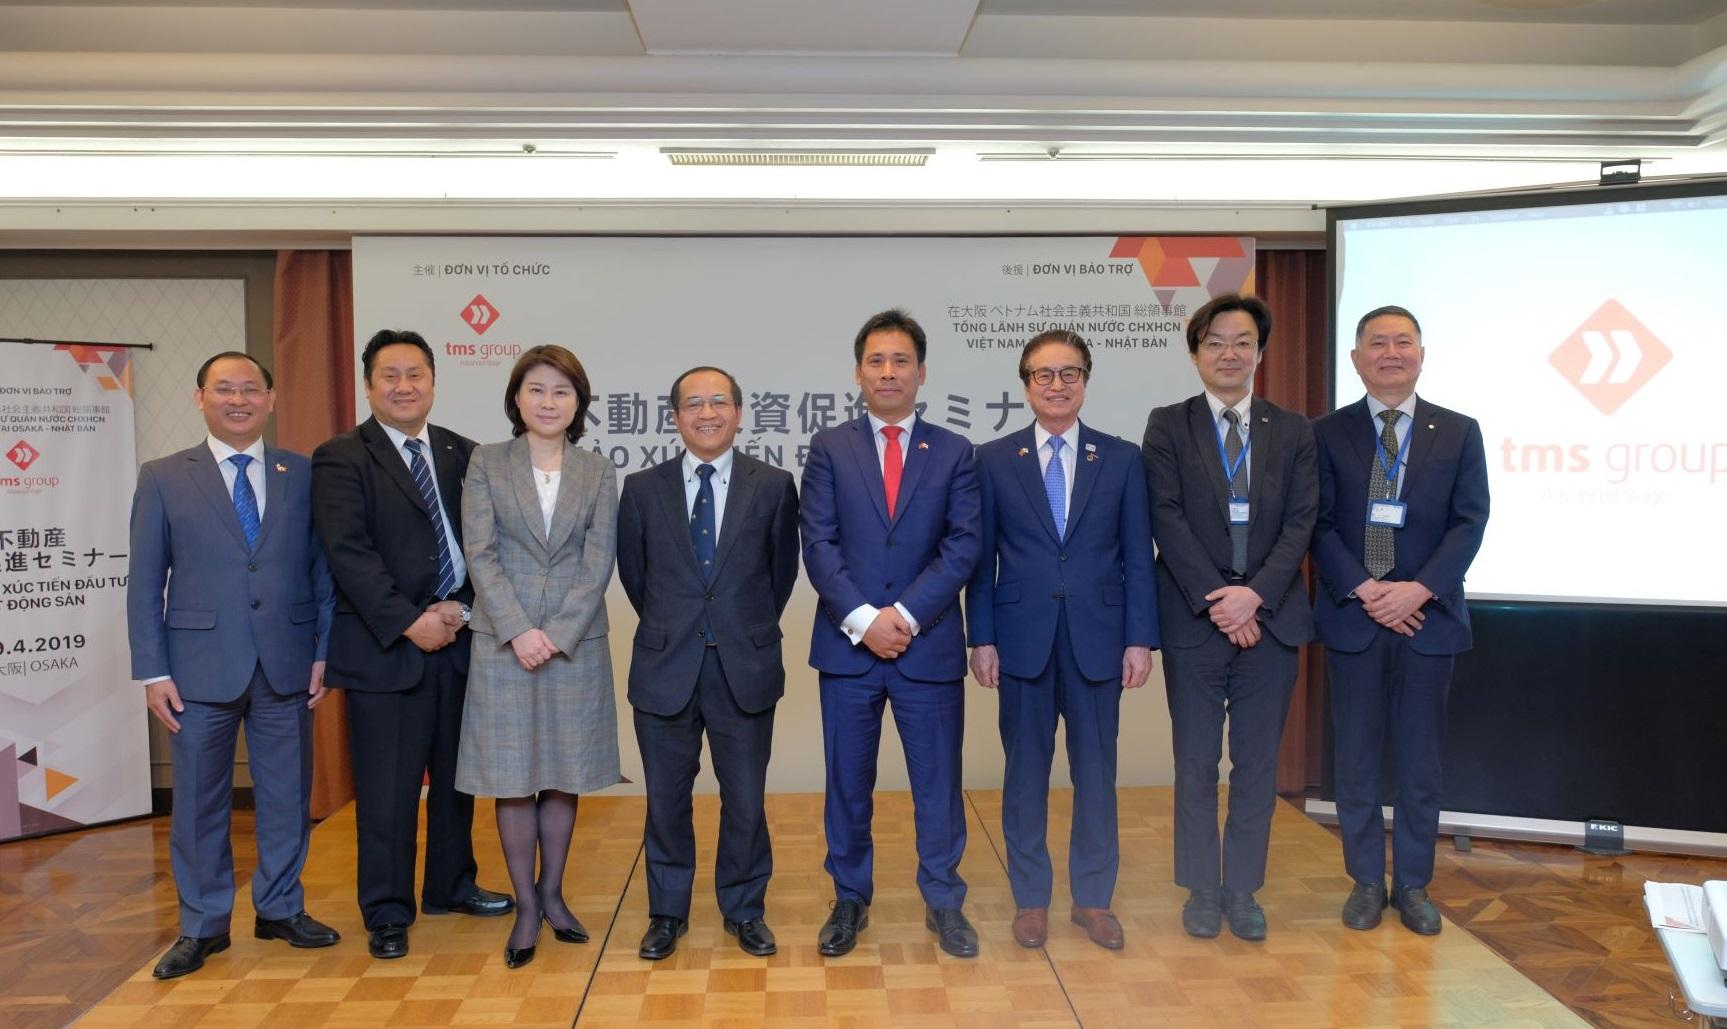 Các dự án BĐS của Tập đoàn TMS thu hút nhà đầu tư Osaka, Nhật Bản - Ảnh 6